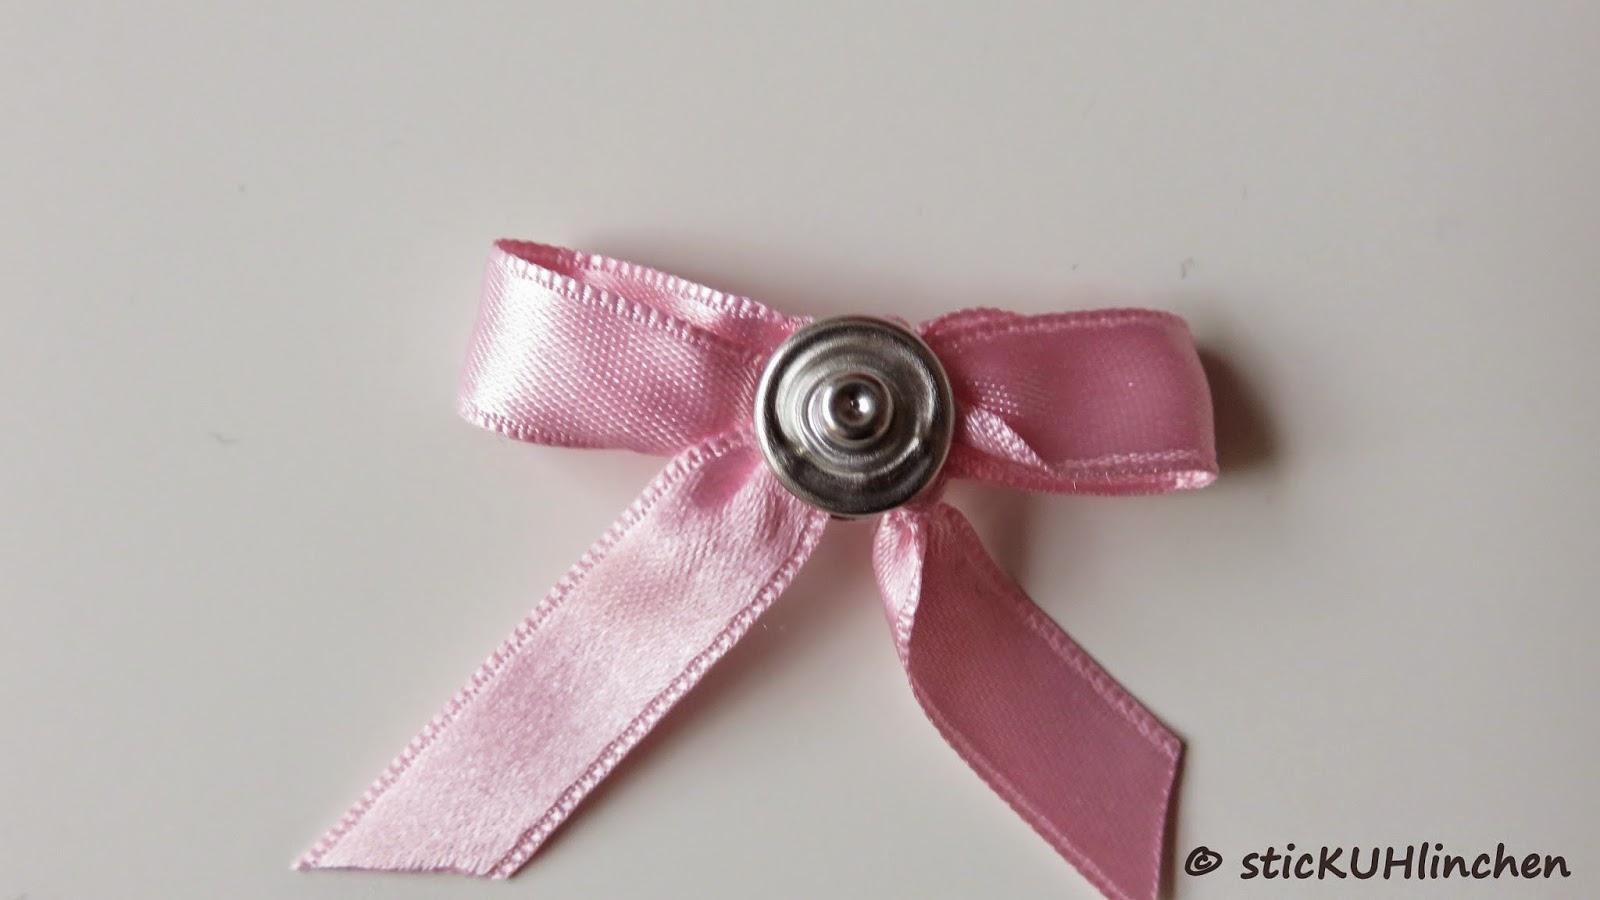 32001d5430b41a sticKUHlinchen: DIY Schleife mit der Gabel binden und mit Jersey ...